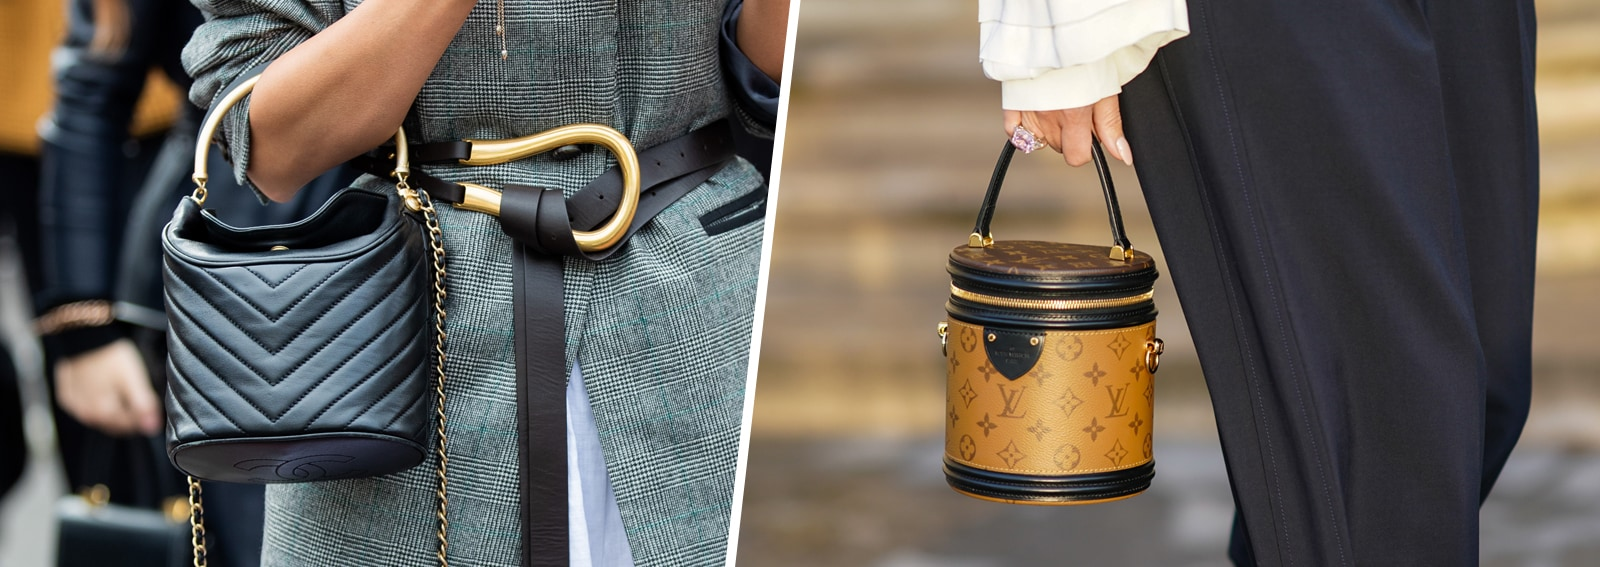 Diamo il benvenuto (di nuovo) alle borse secchiello: i modelli cool che vi faranno perdere la testa